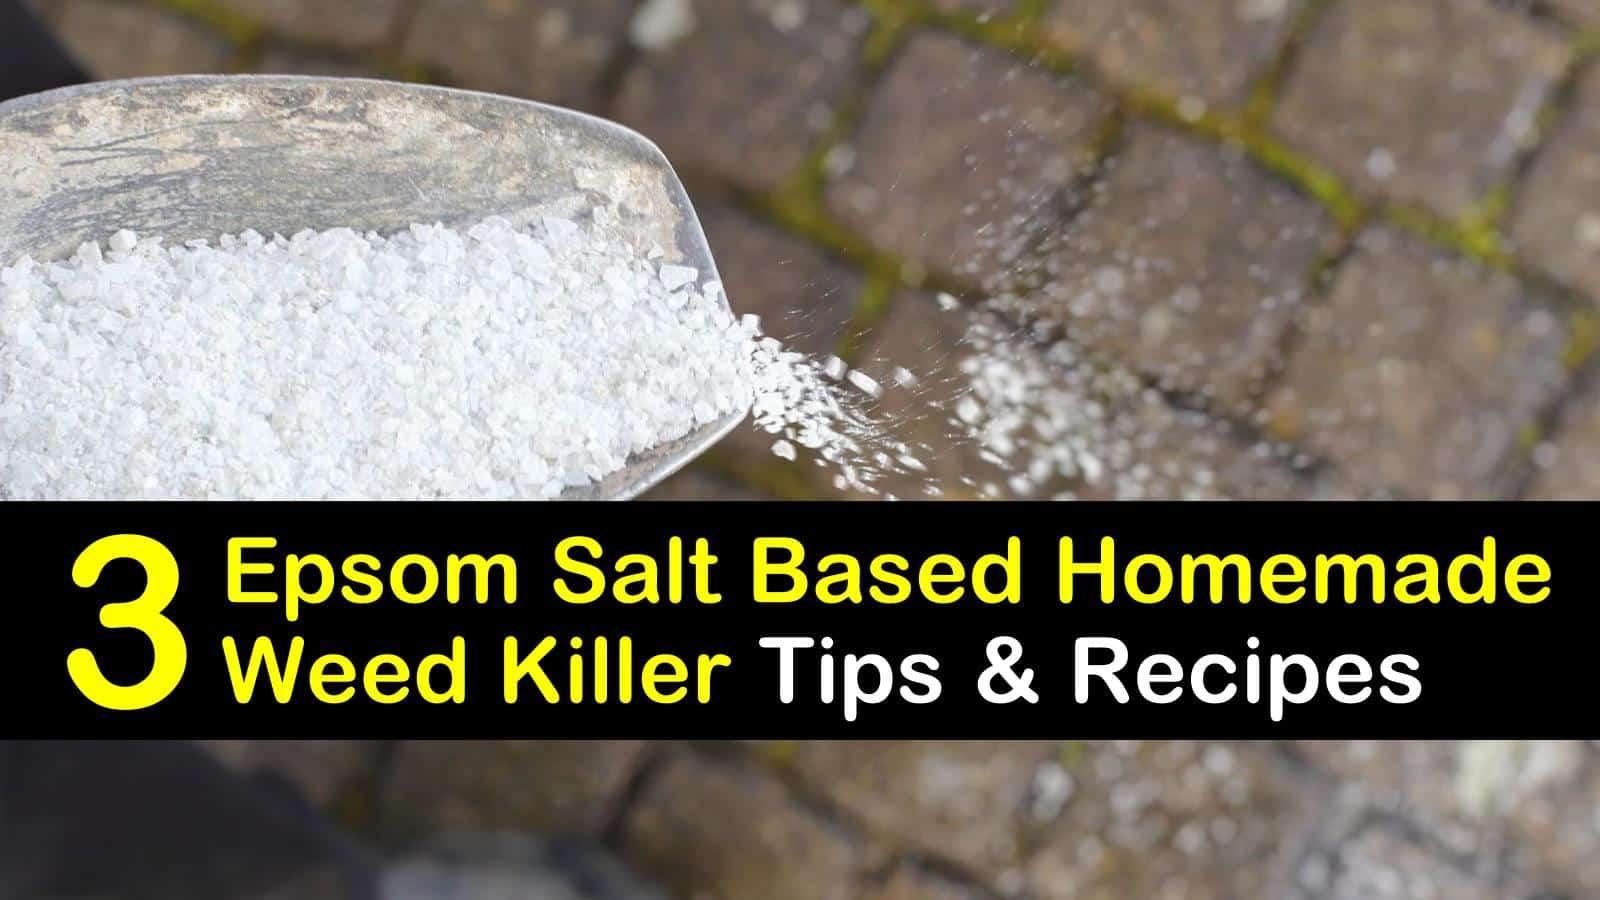 epsom salt based homemade weed killer titleimg1